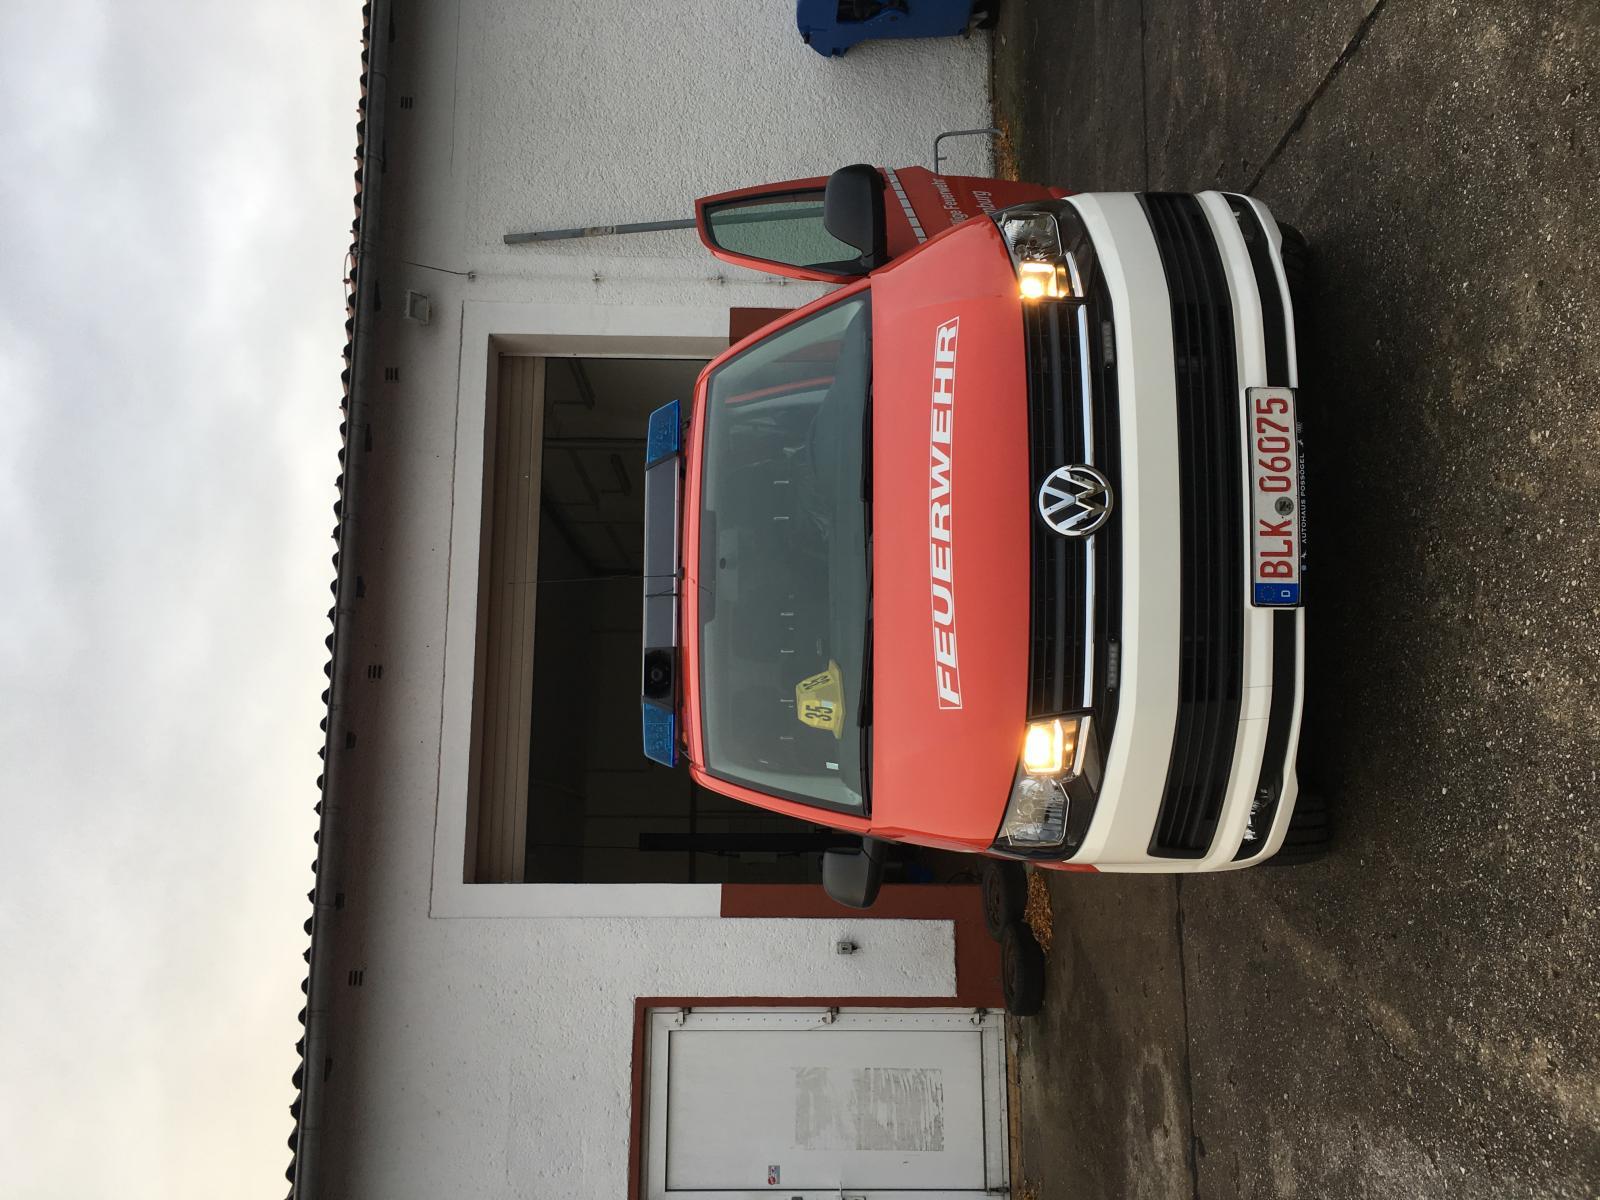 Feuerwehr Naumburg T5